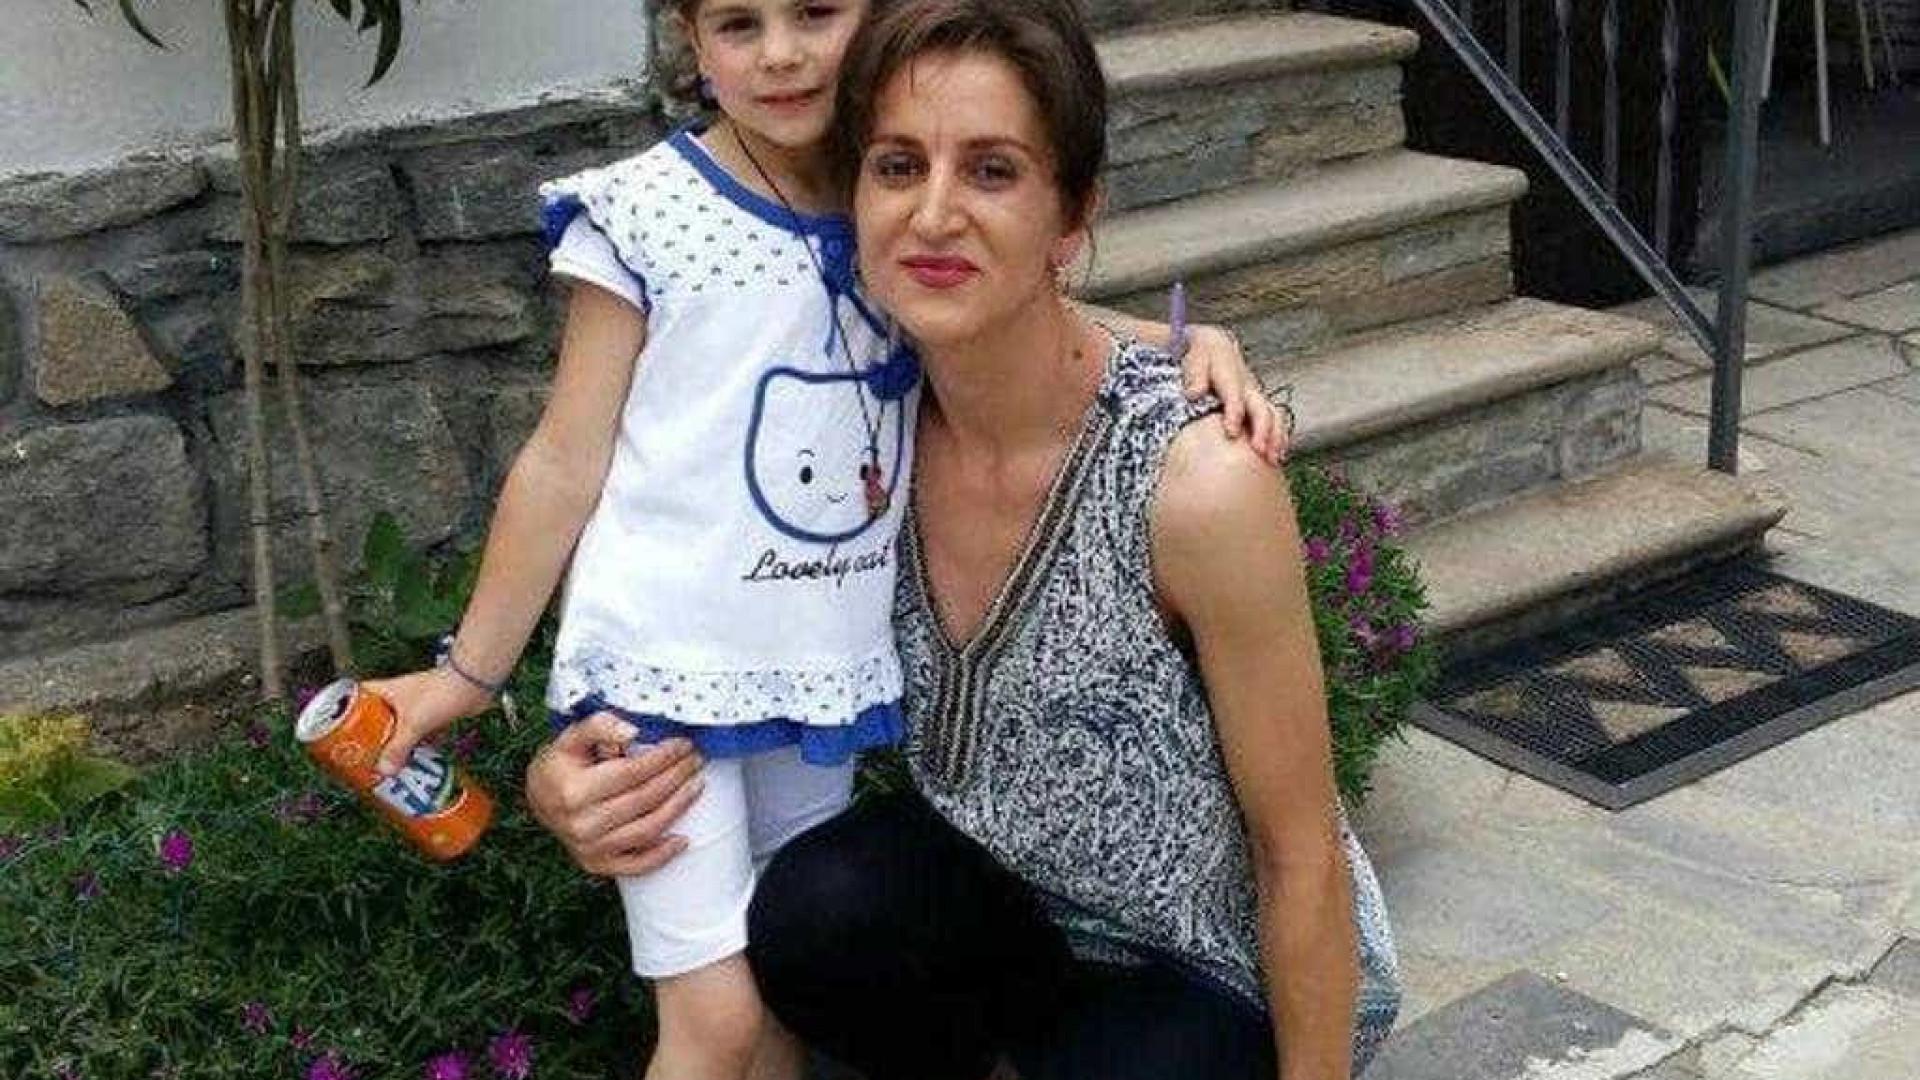 Em Itália, mãe esfaqueou a filha e suicidou-se